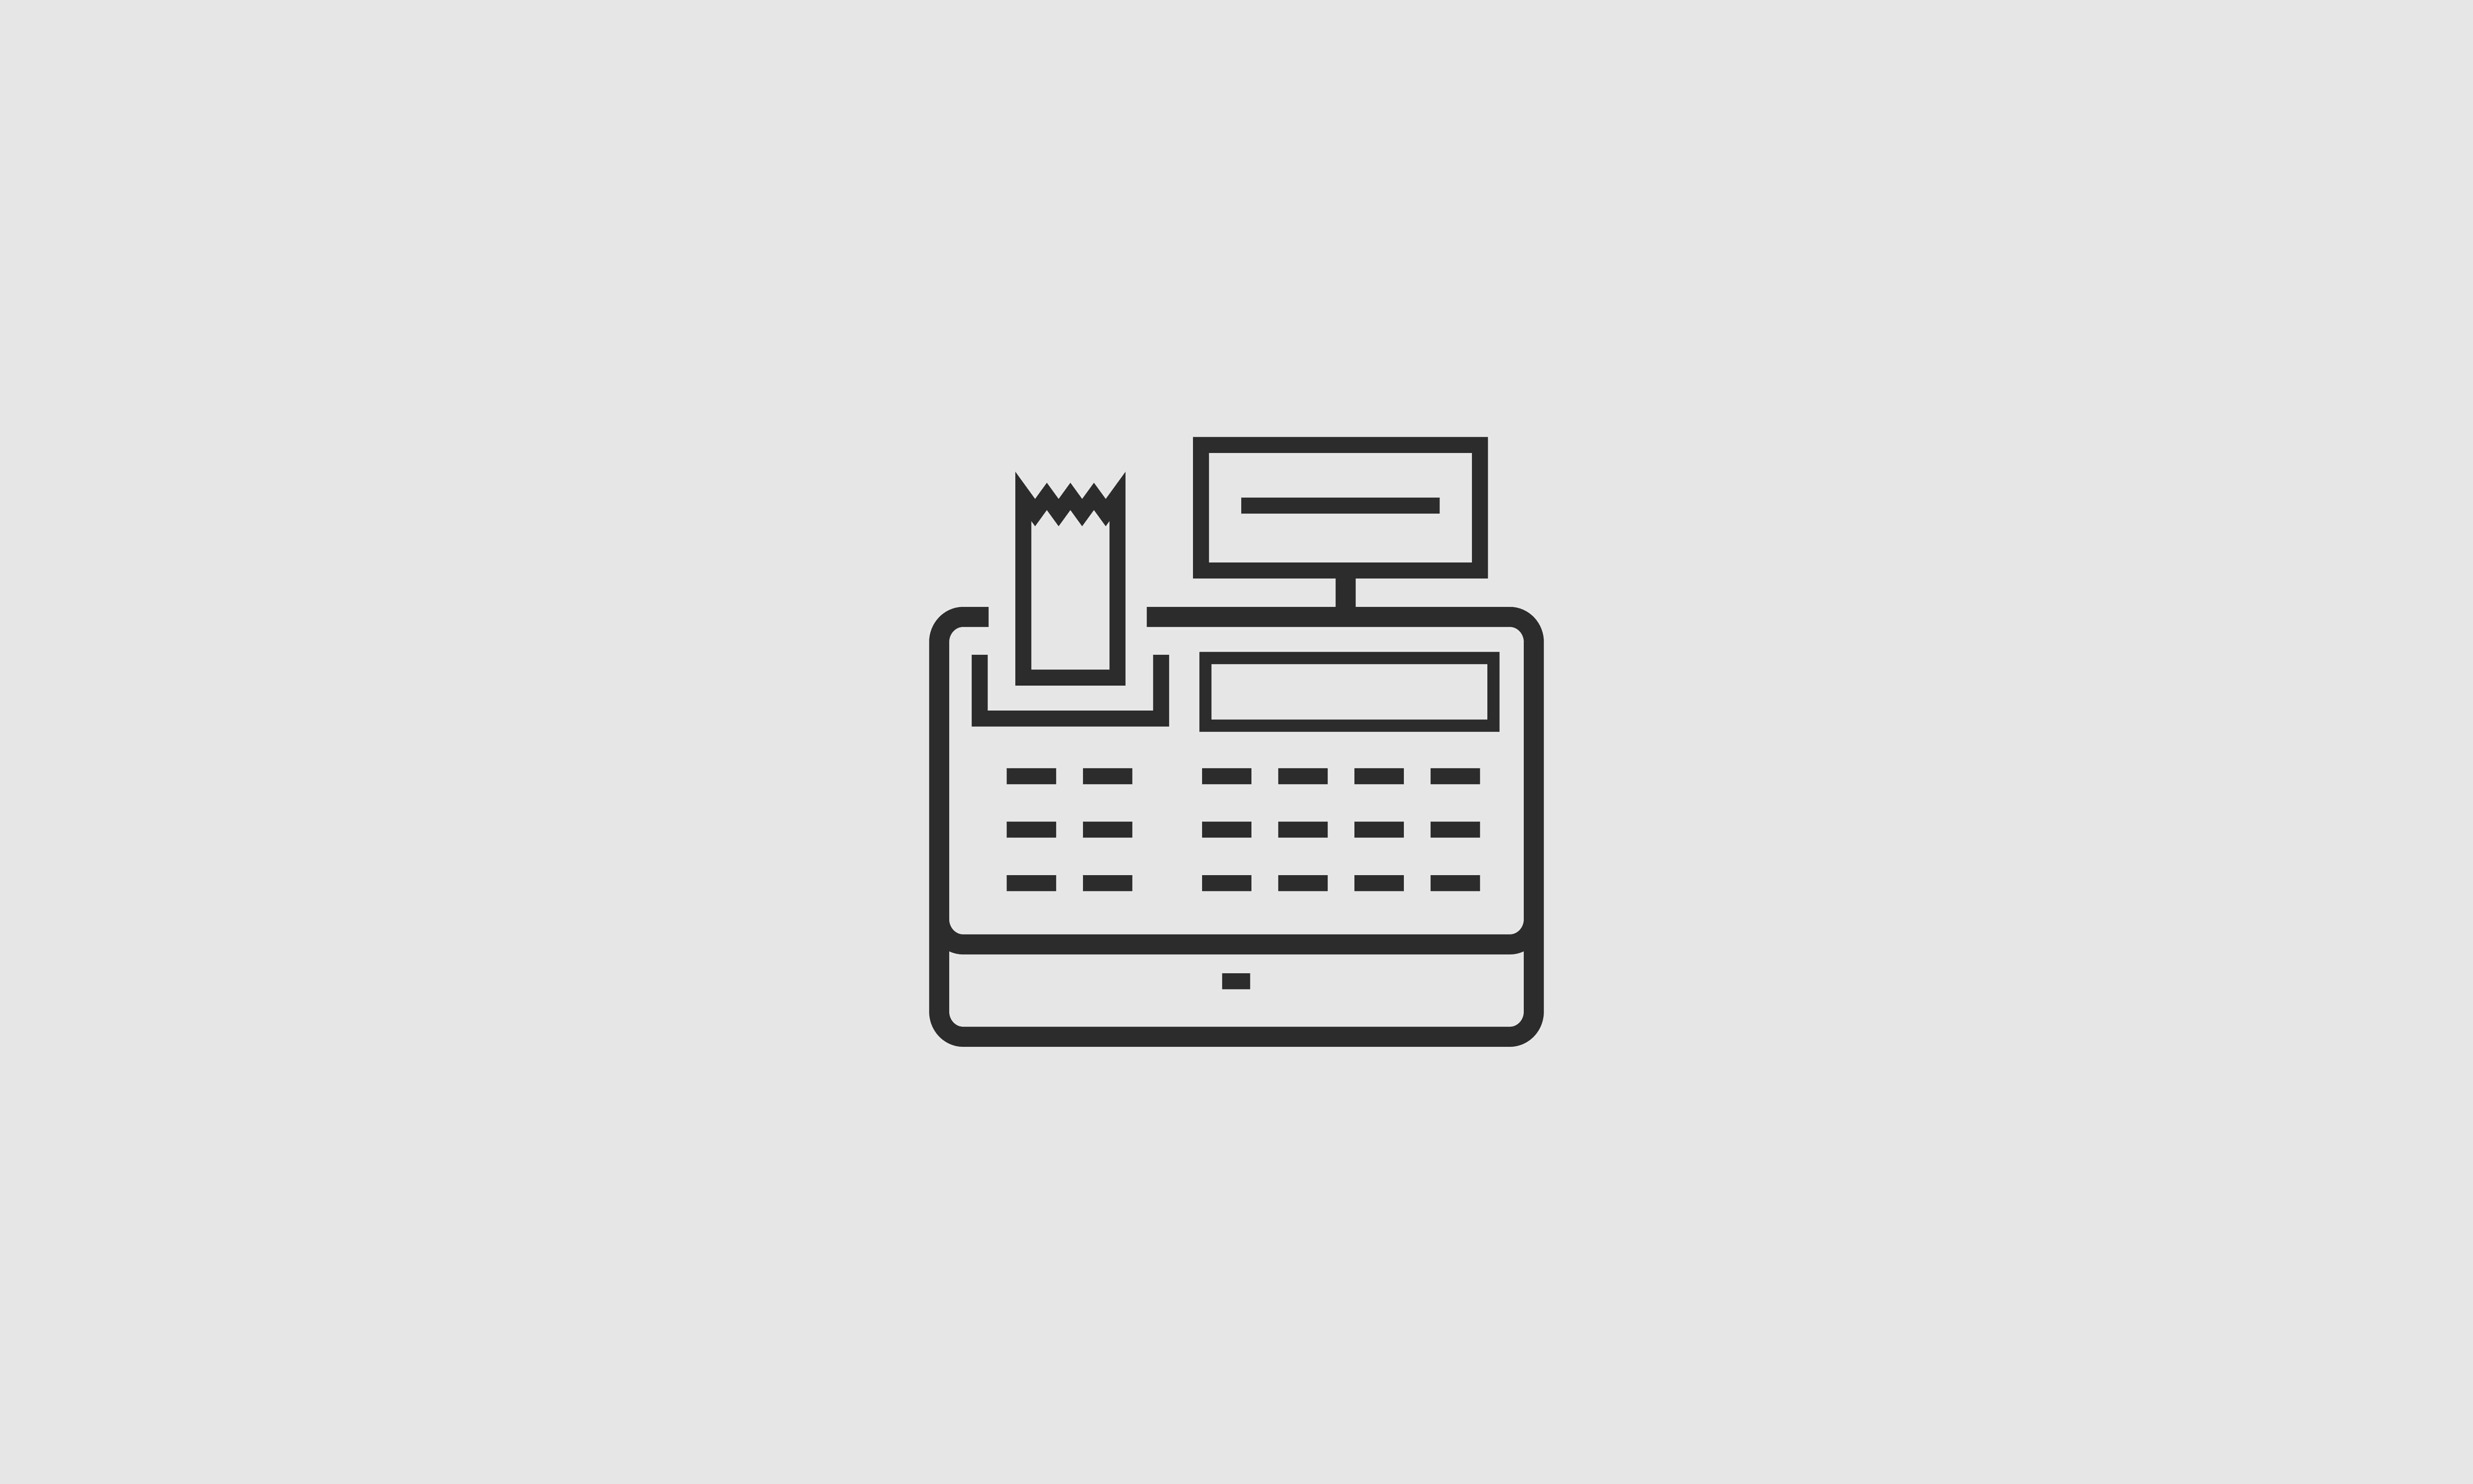 פתיחת חשבון אמזון וחשבון סליקה